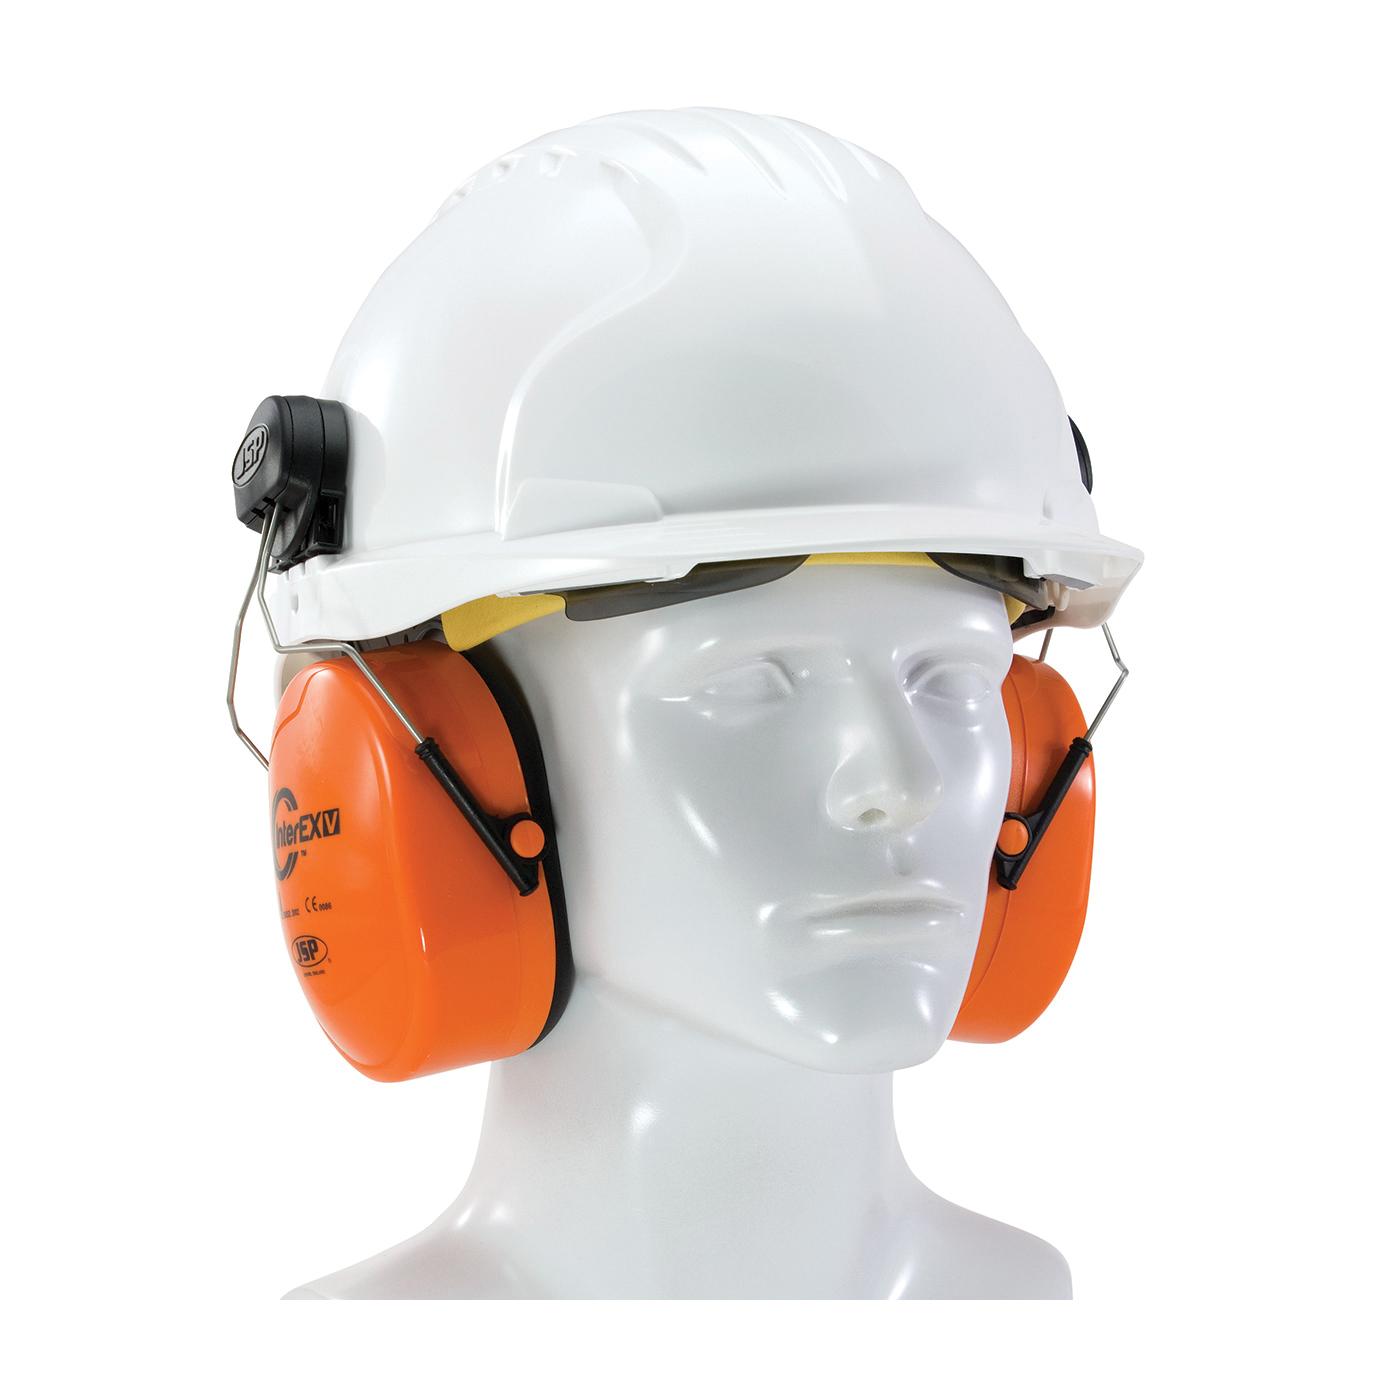 JSP® 262-AEK020-HV Inter EXV™ Ear Muff, 24 dB Noise Reduction, Hi-Viz Orange